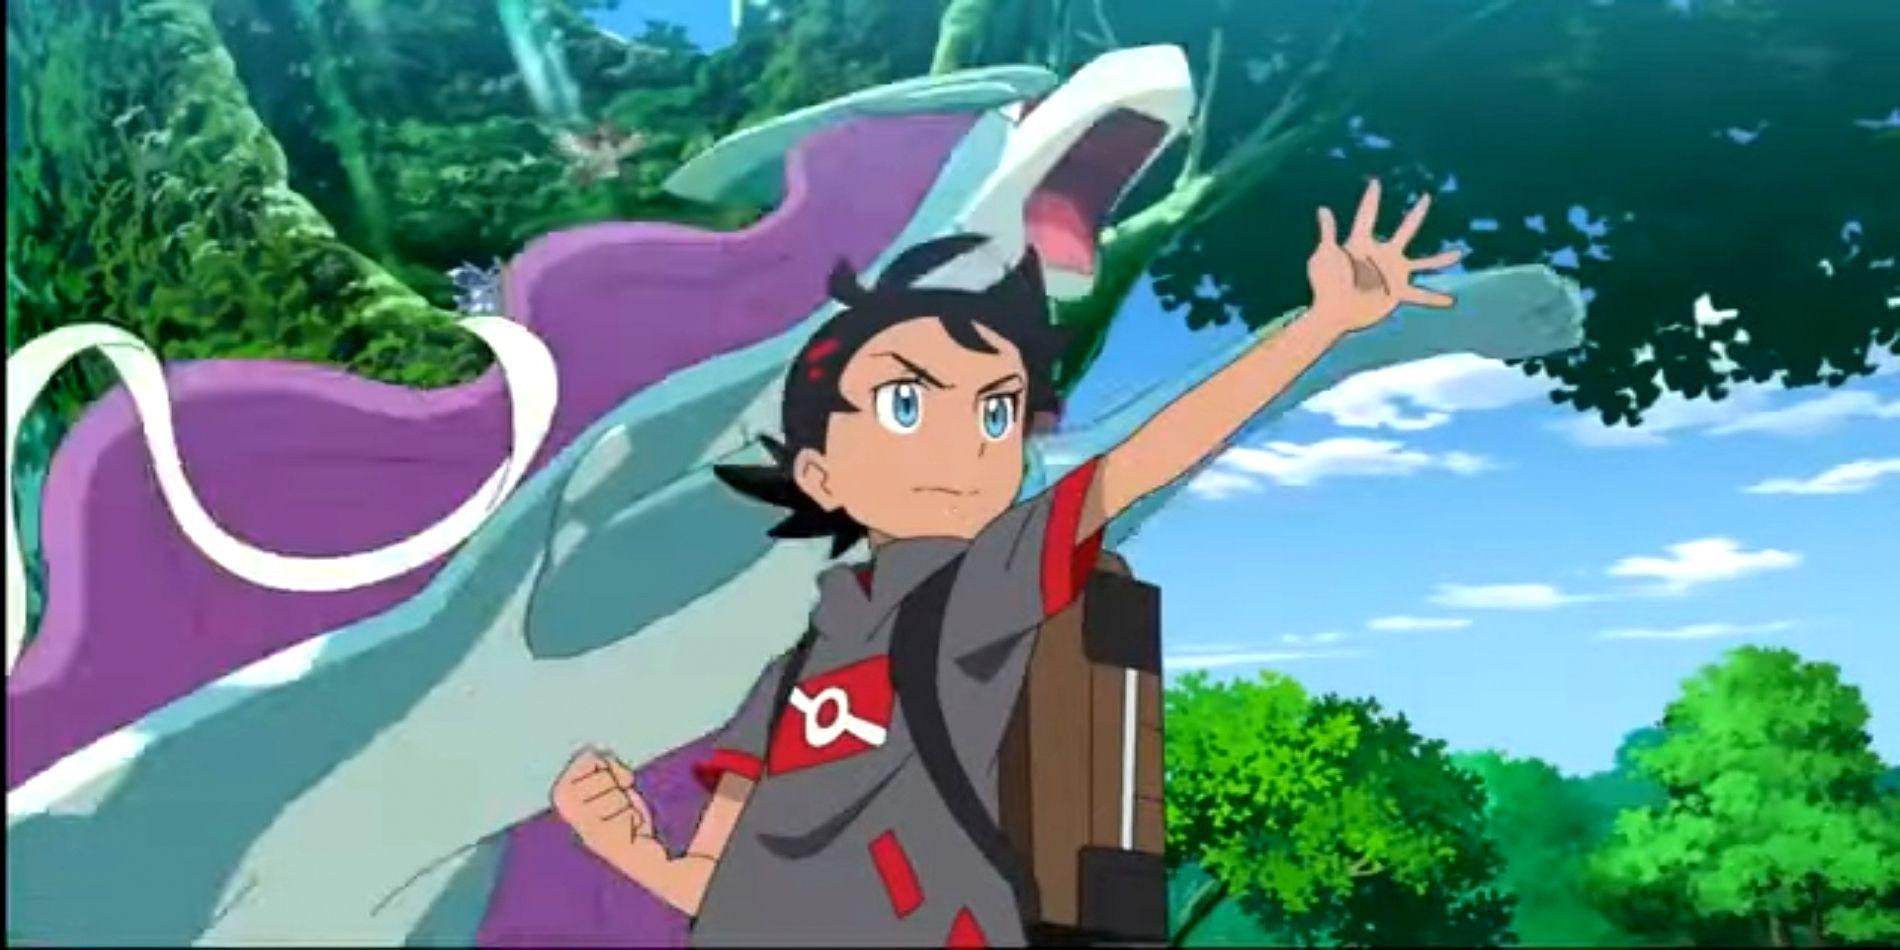 Todos os Pokémon lendários em Pokémon Jornadas 'Master Journeys: The Series' 1